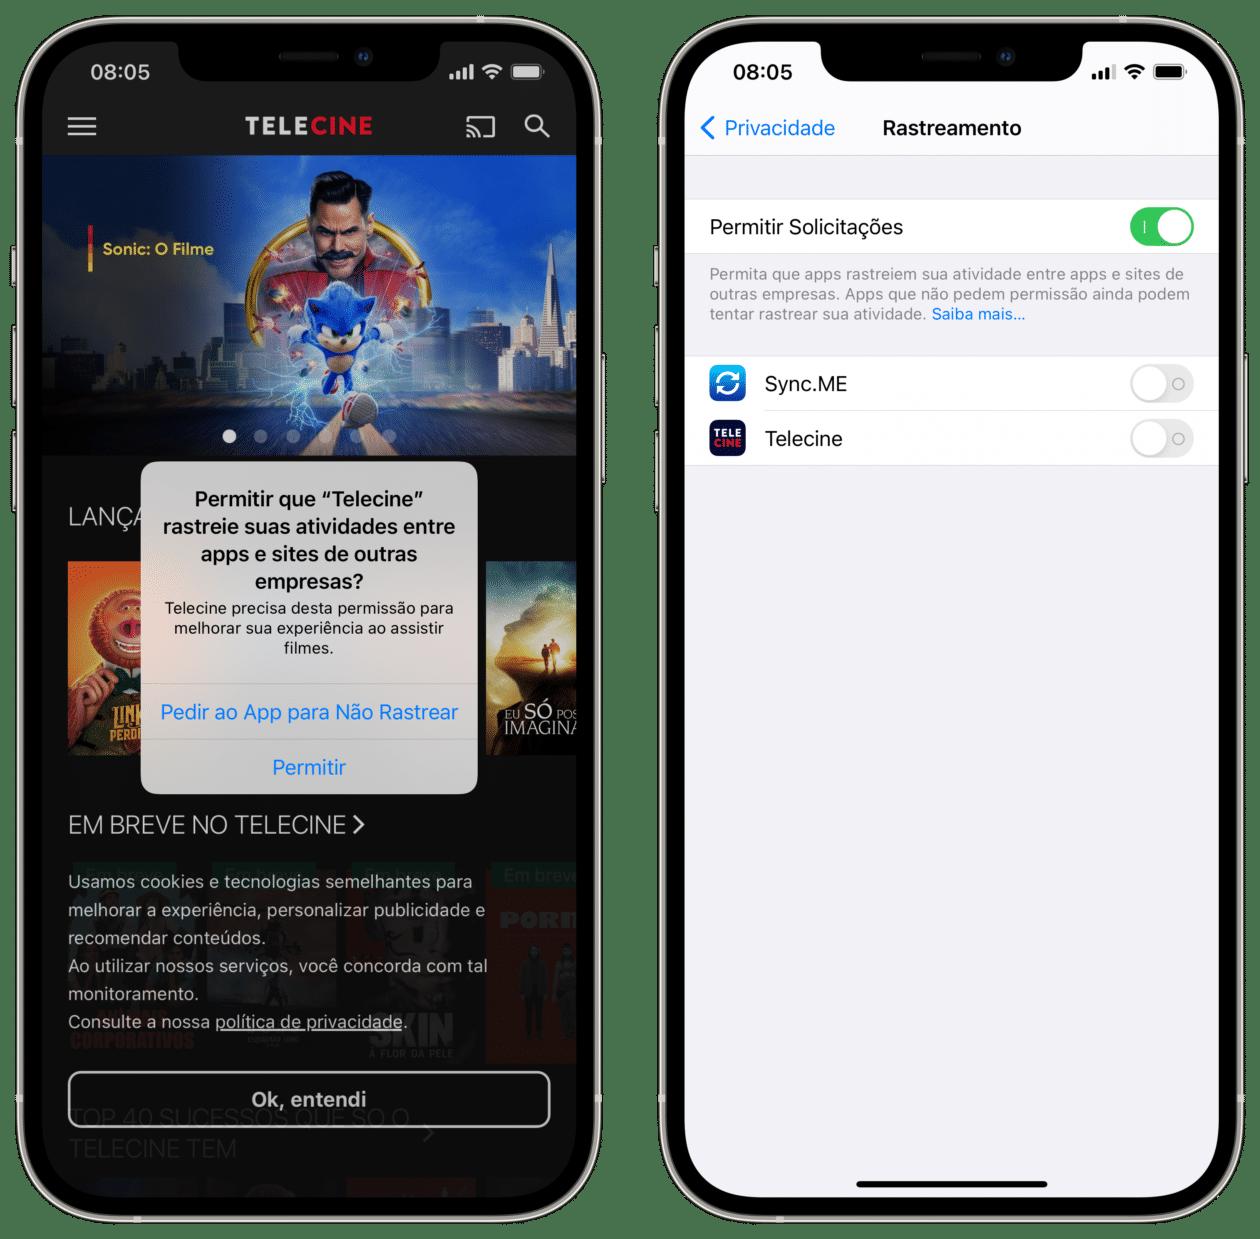 App solicitando permissão para rastrear